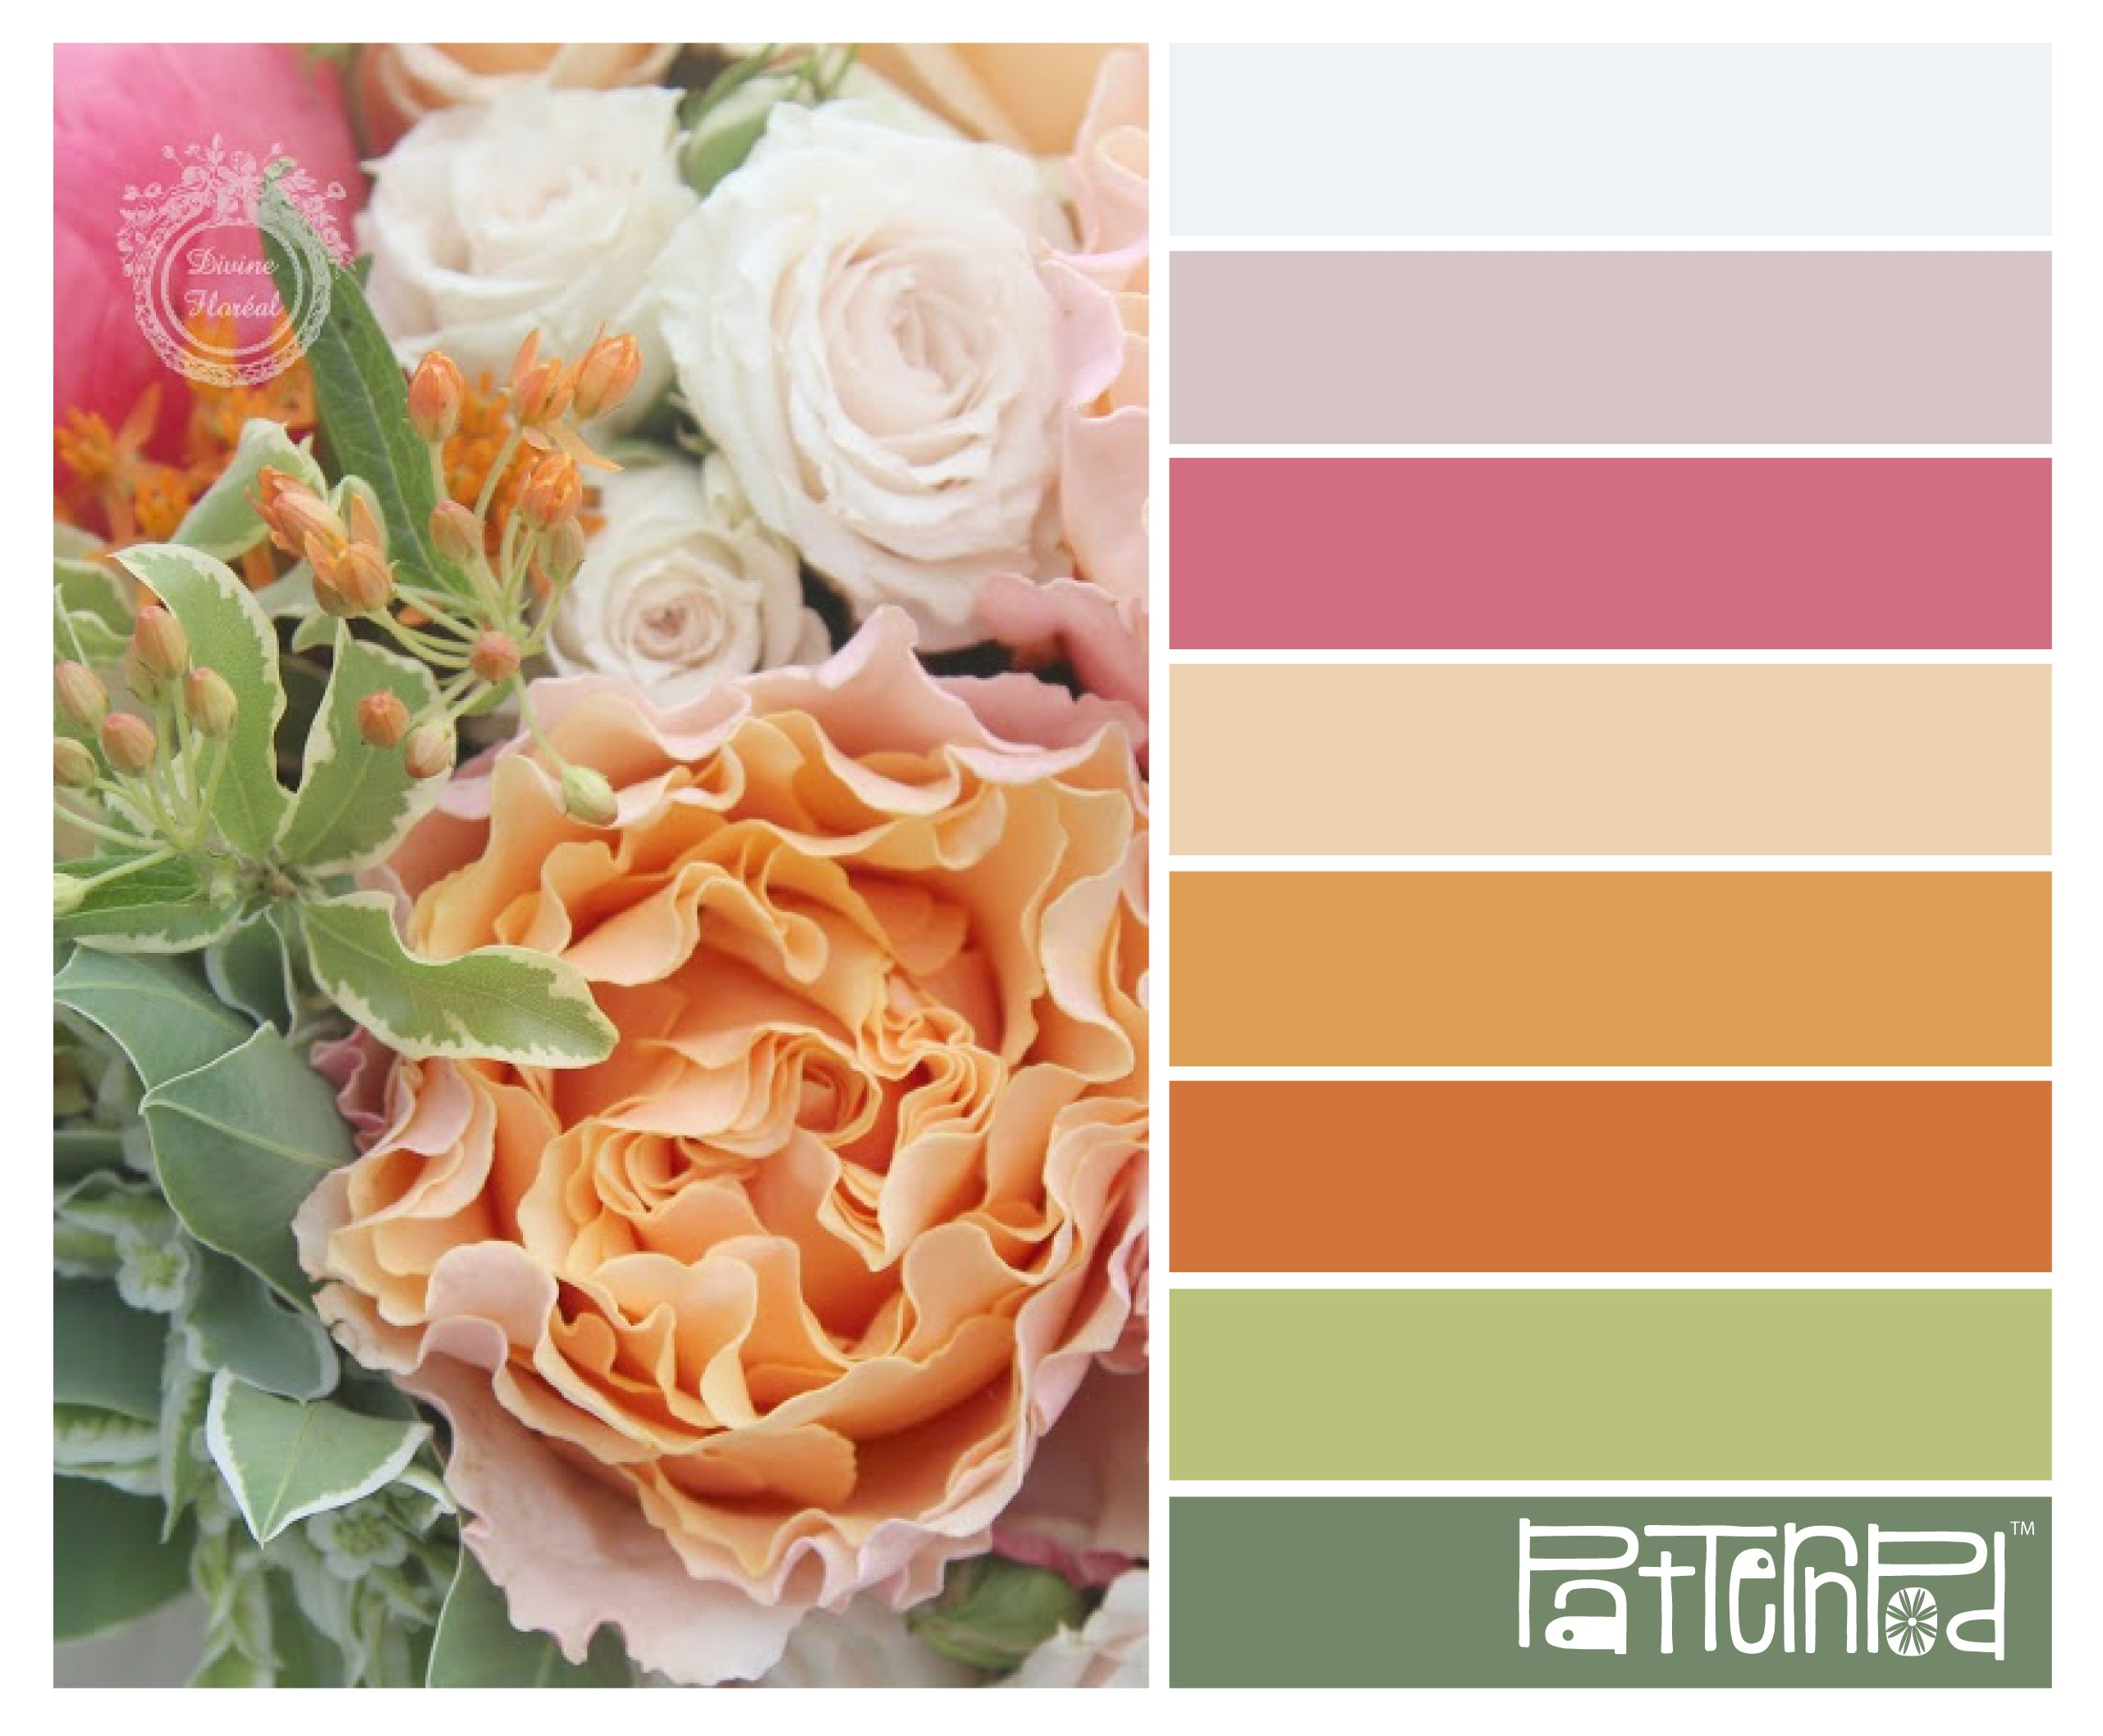 patternpod patternpodcolor color color palettes pattern pod pinterest farben. Black Bedroom Furniture Sets. Home Design Ideas